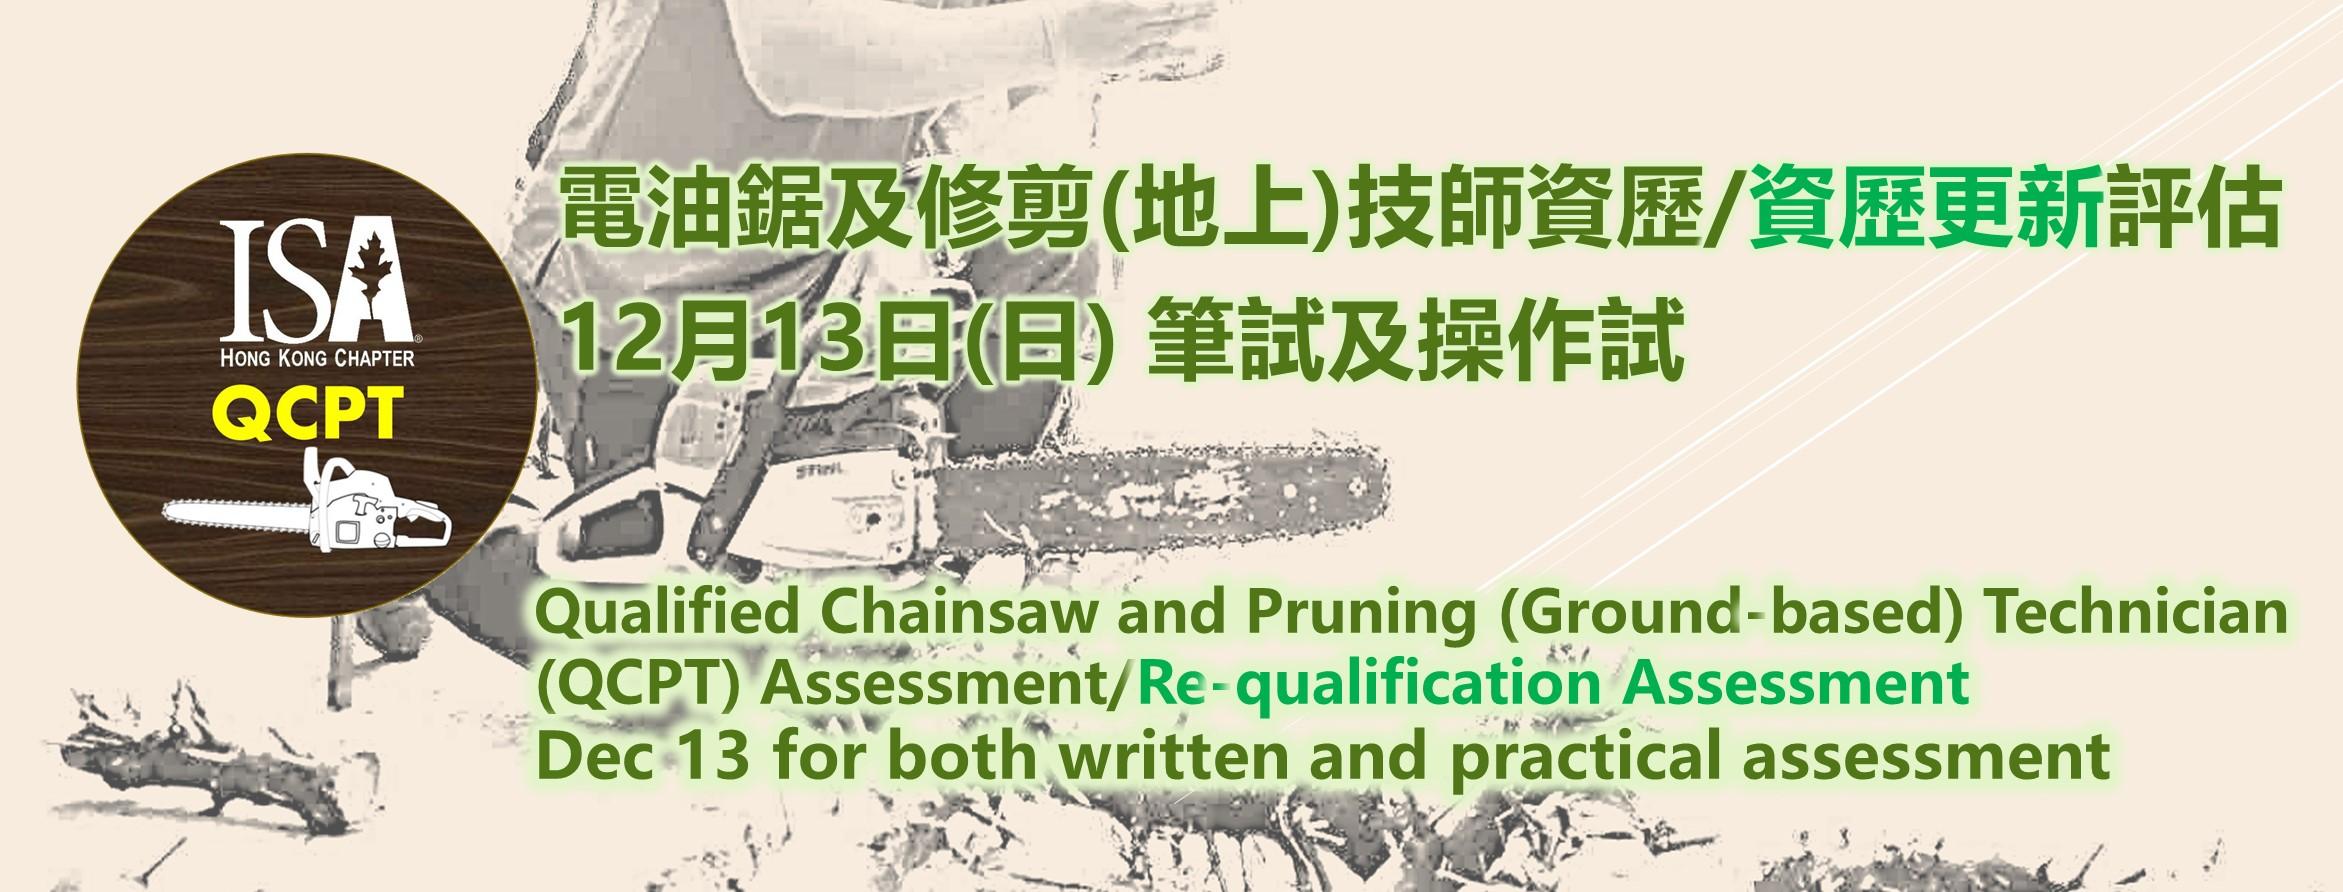 電油鋸及修剪(地上)技師資歷/資歷更新評估 (13/12/2020)